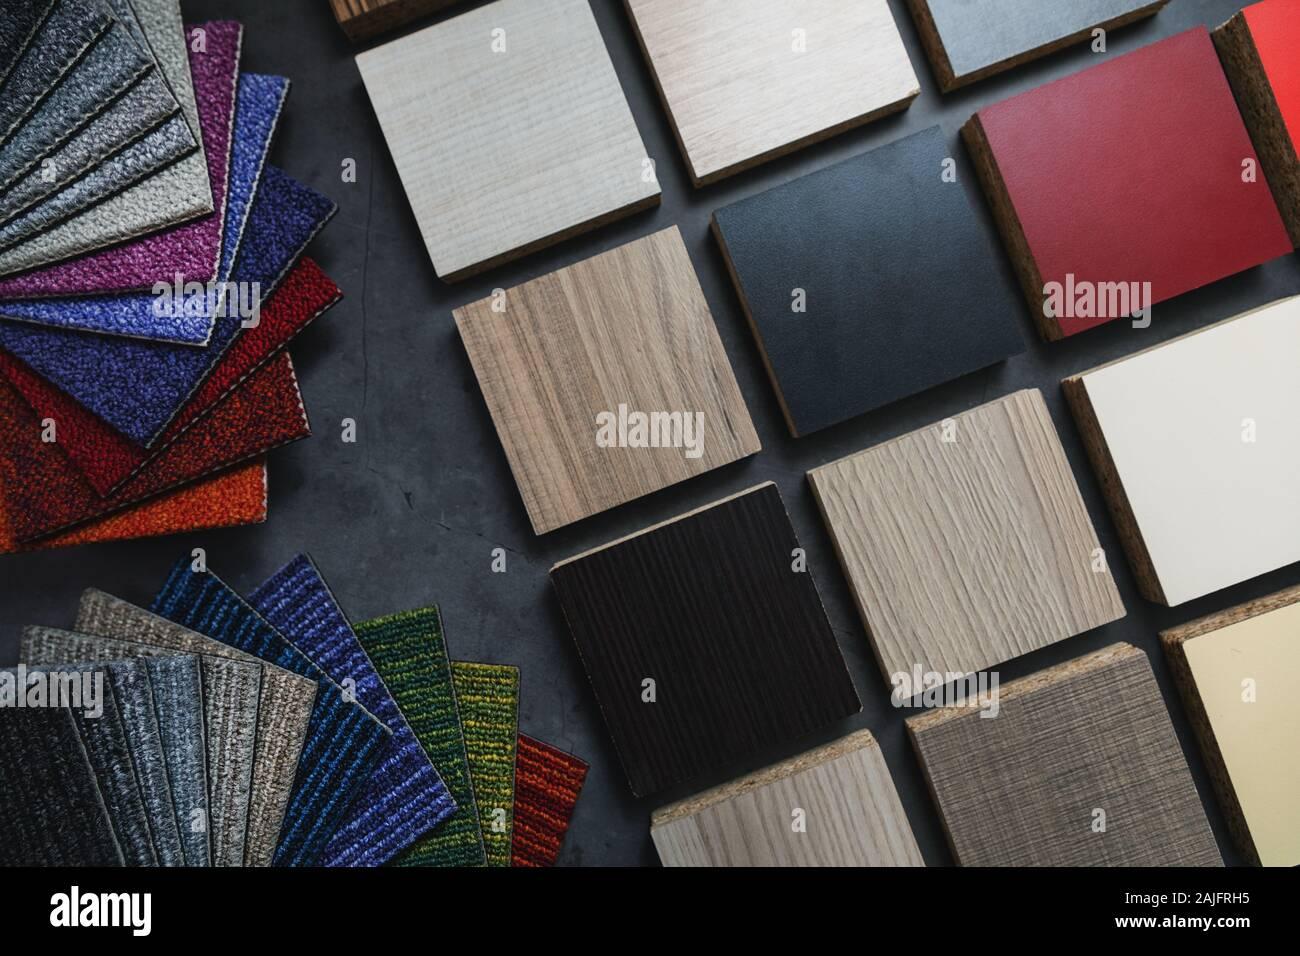 Legno Laminato Per Mobili pavimenti e mobili in laminato di campioni di materiali per